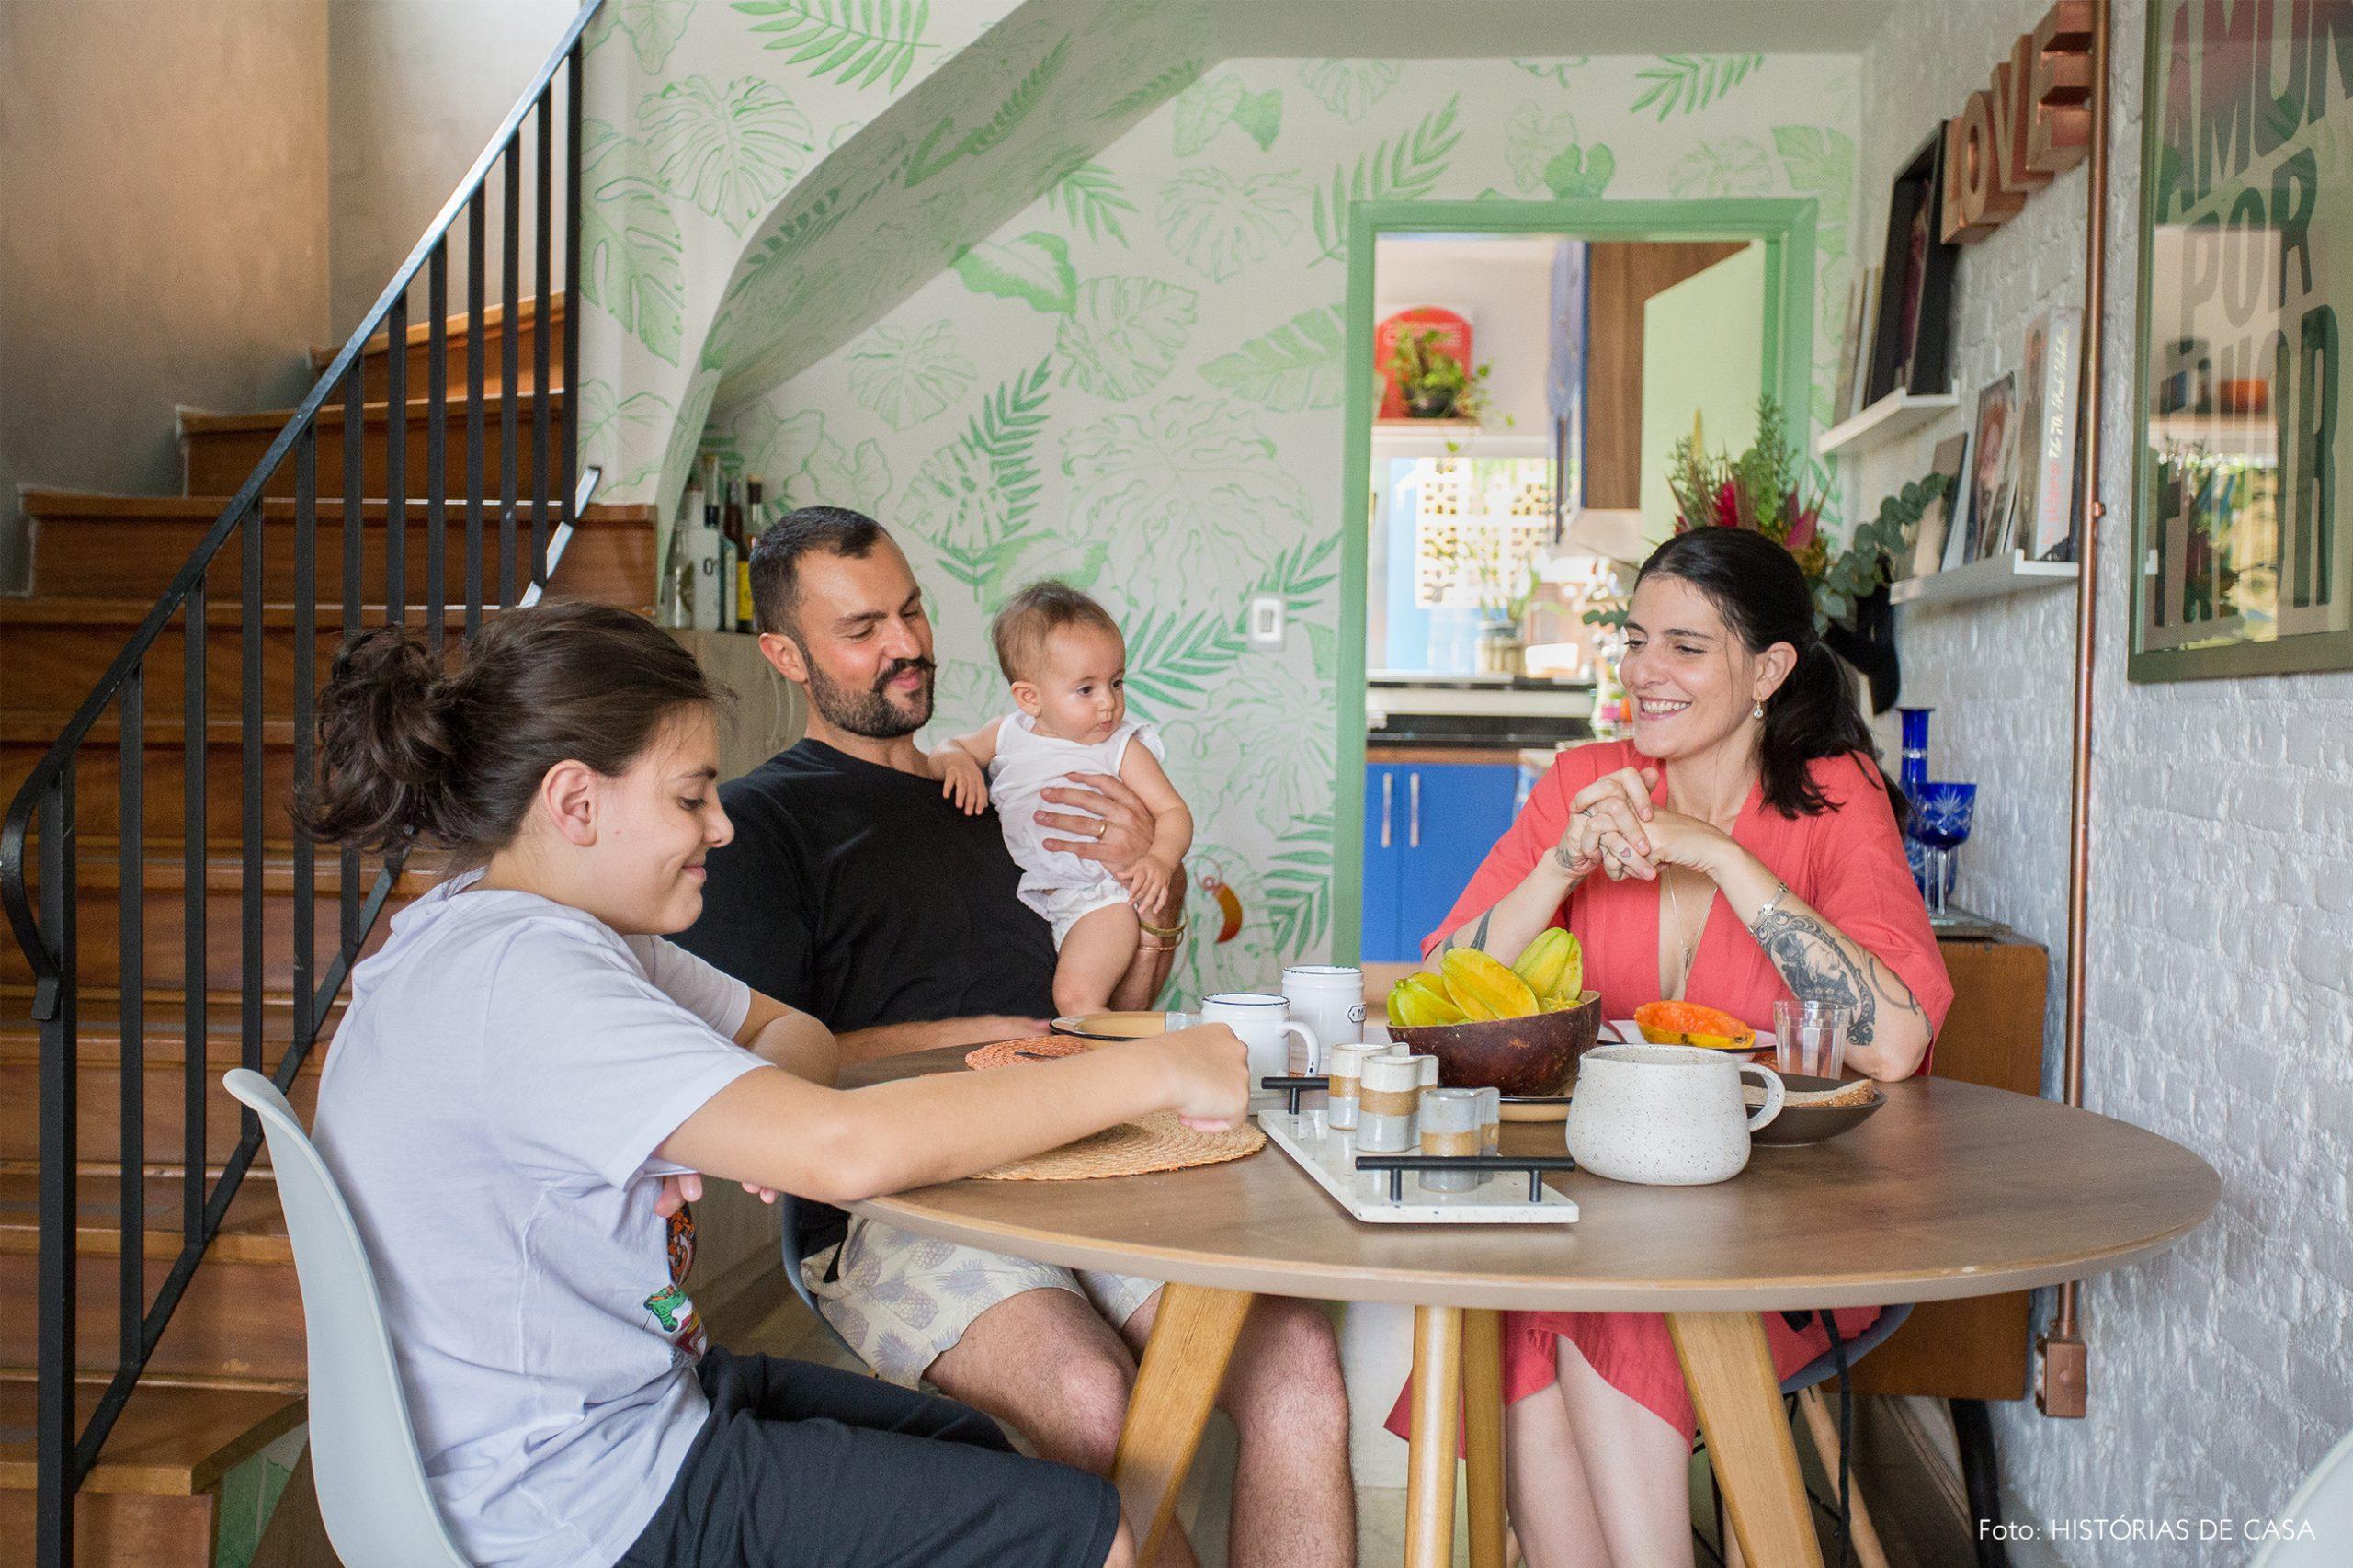 casa decoração retrato familia em mesa jantar